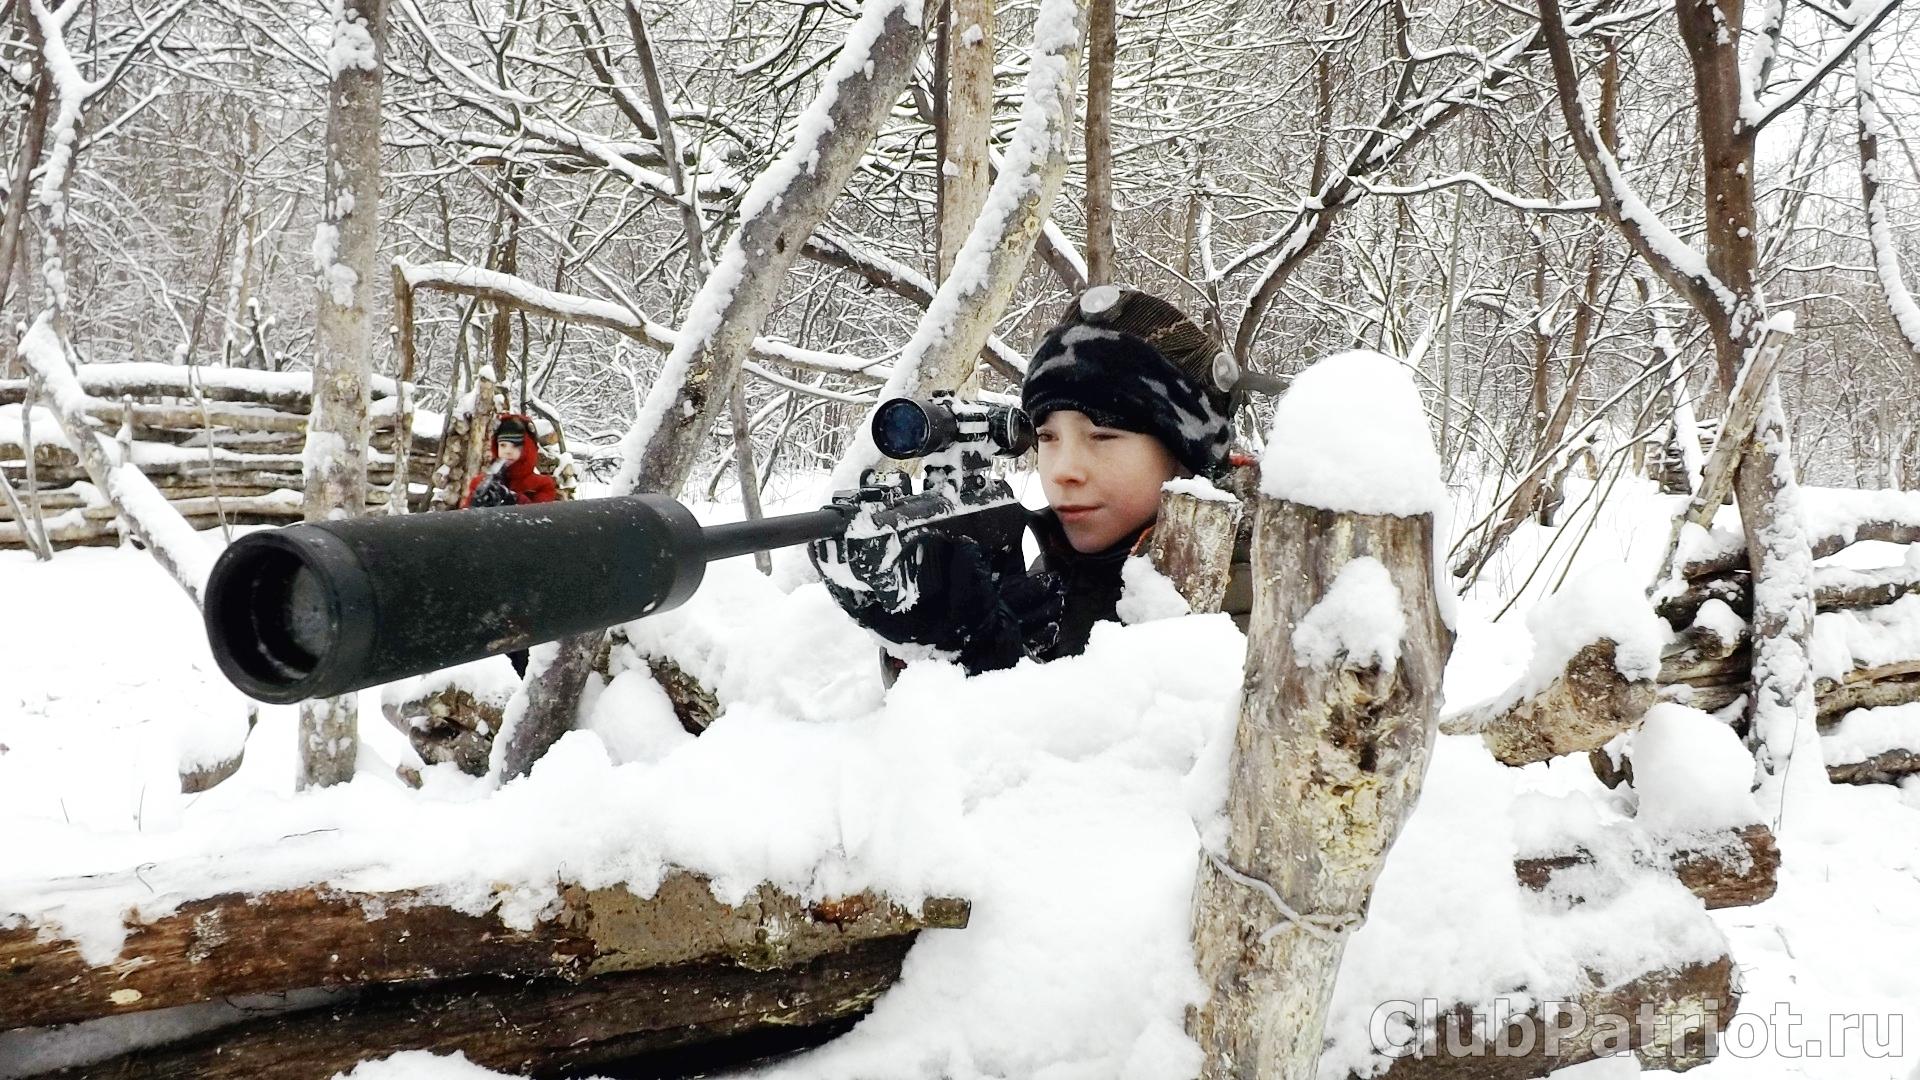 20 января открытая игра в ЛАЗЕРТАГ за 700 рублей.